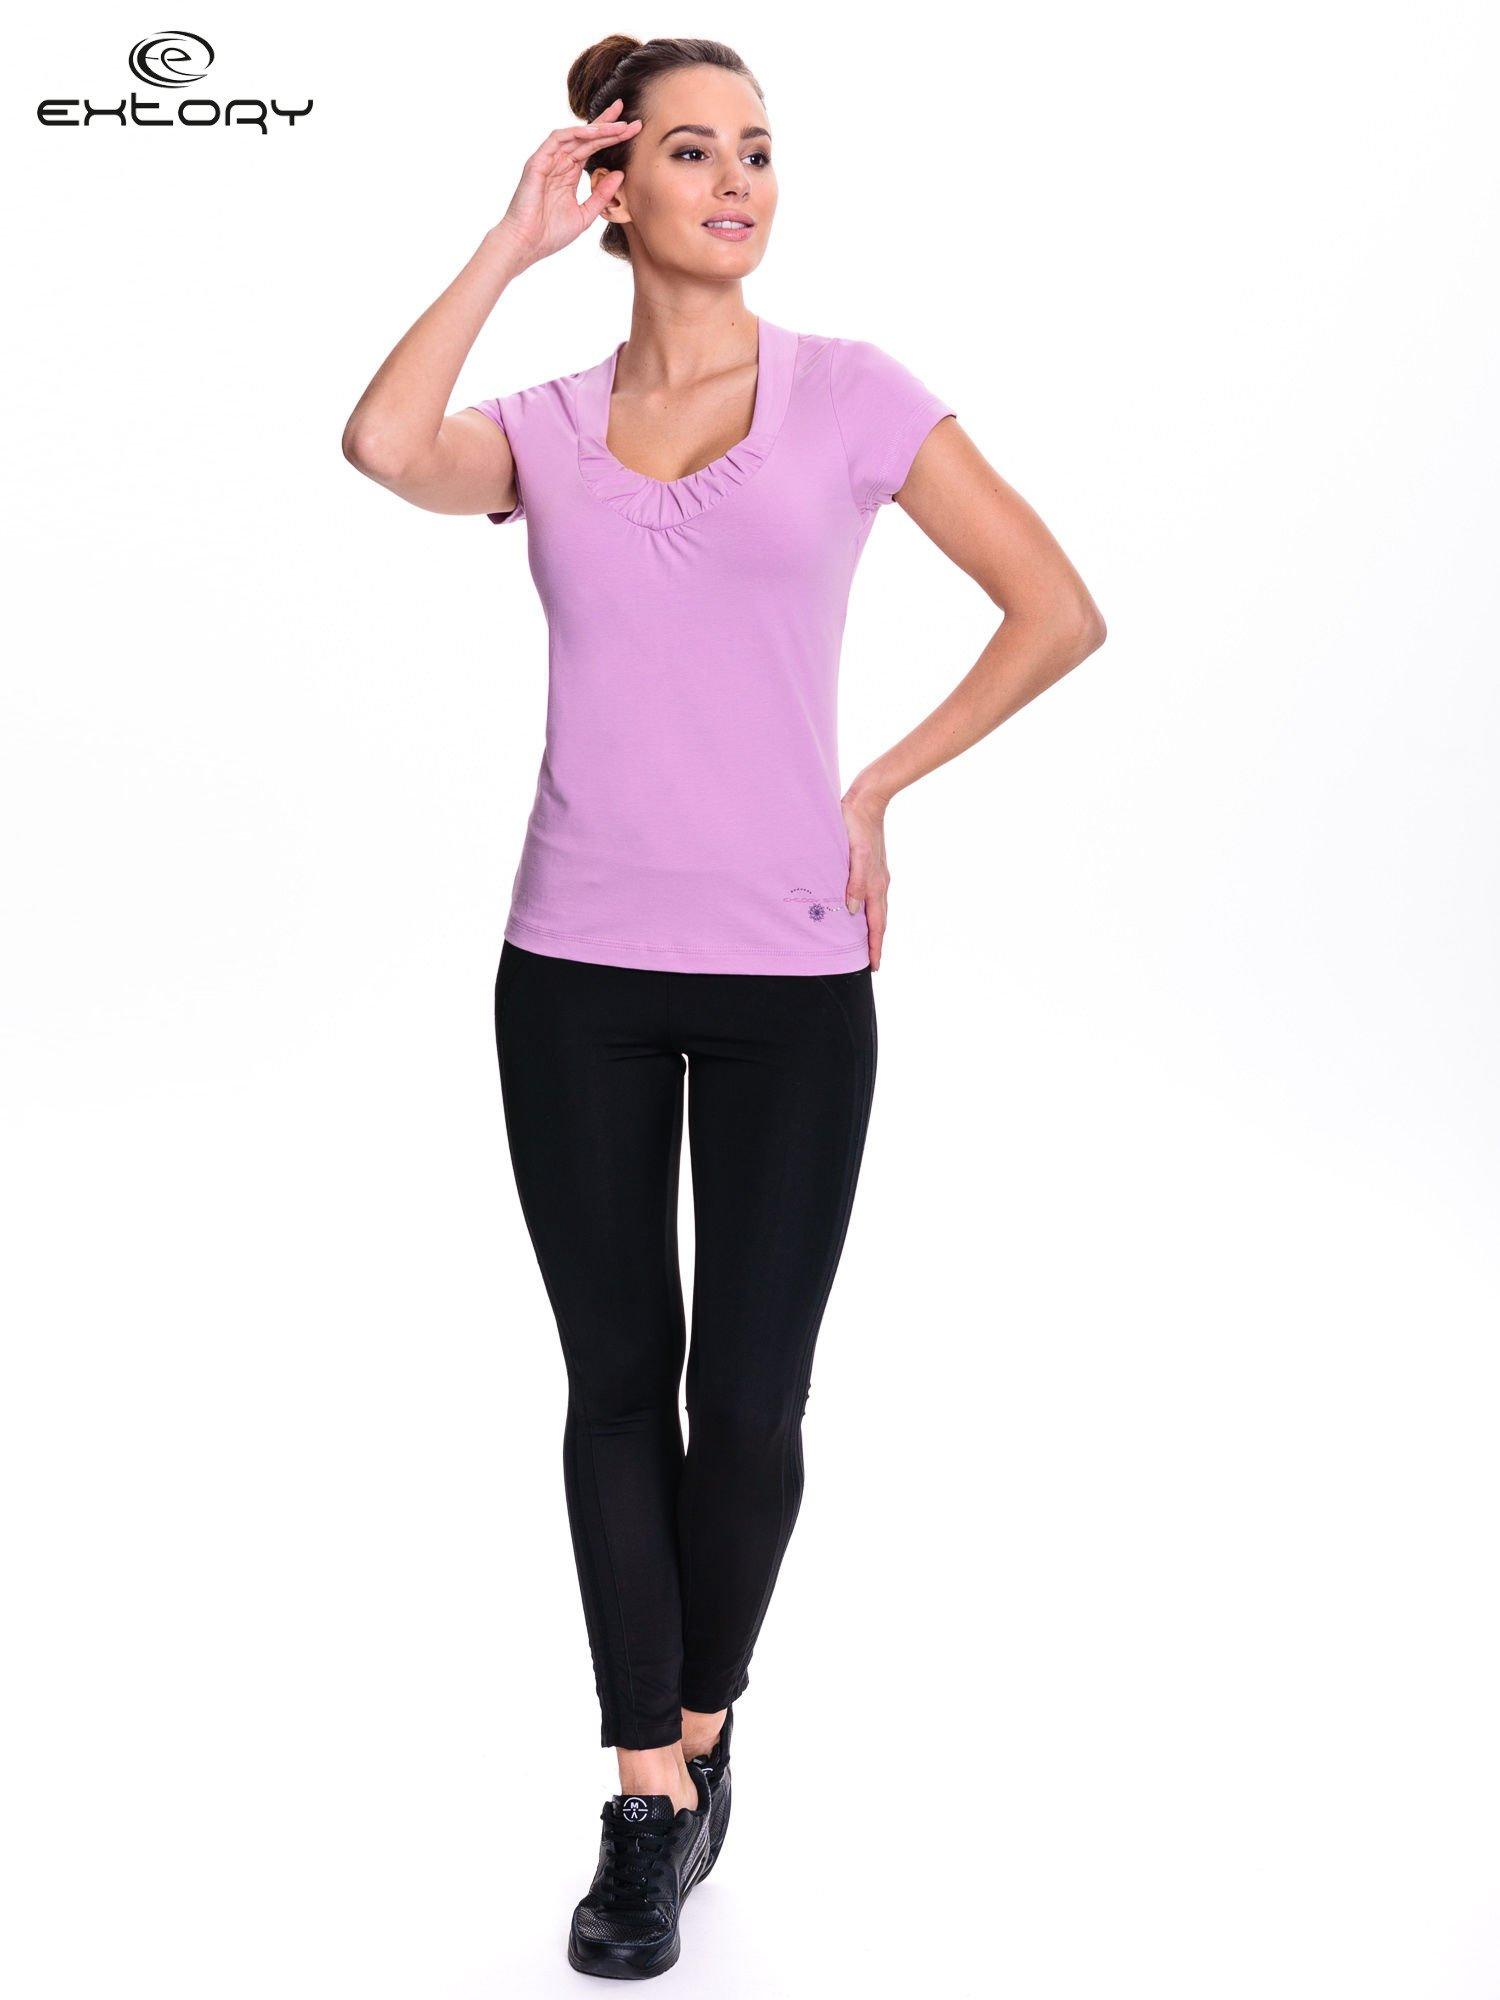 Jasnofioletowy damski t-shirt sportowy z marszczonym dekoltem                                  zdj.                                  2